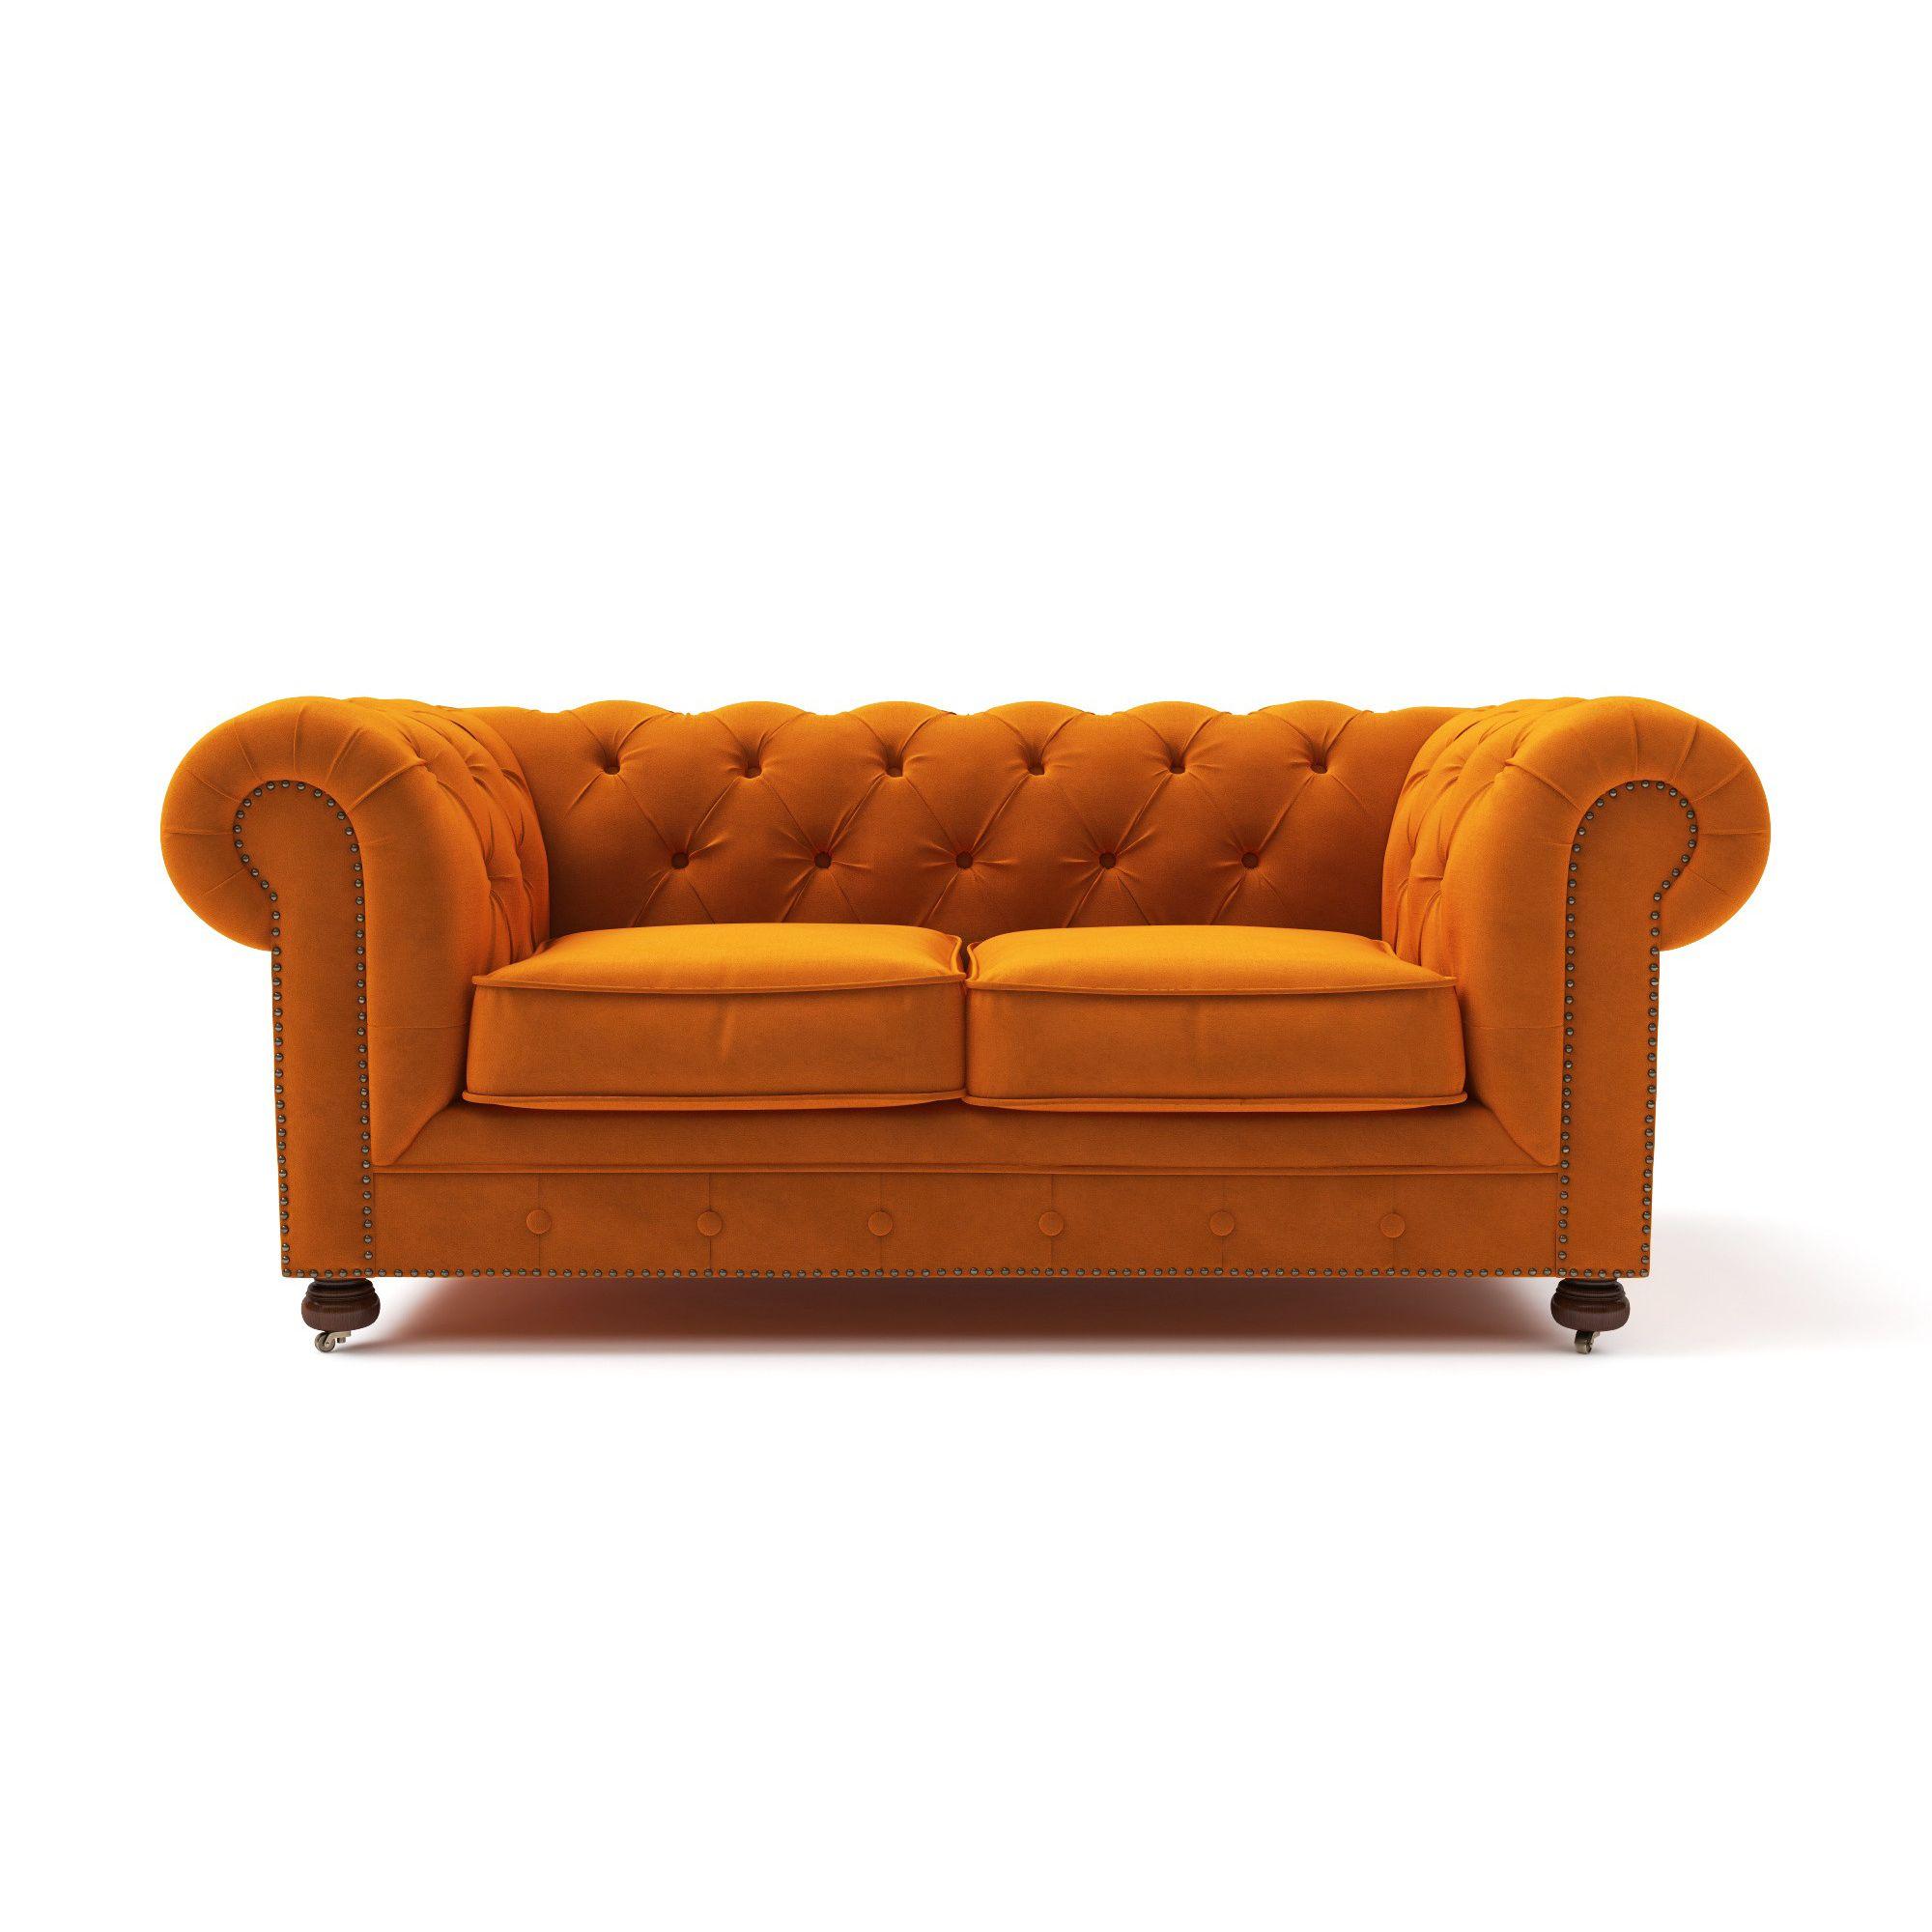 Как выбрать полукресла и кресла элитных мебельных фабрик